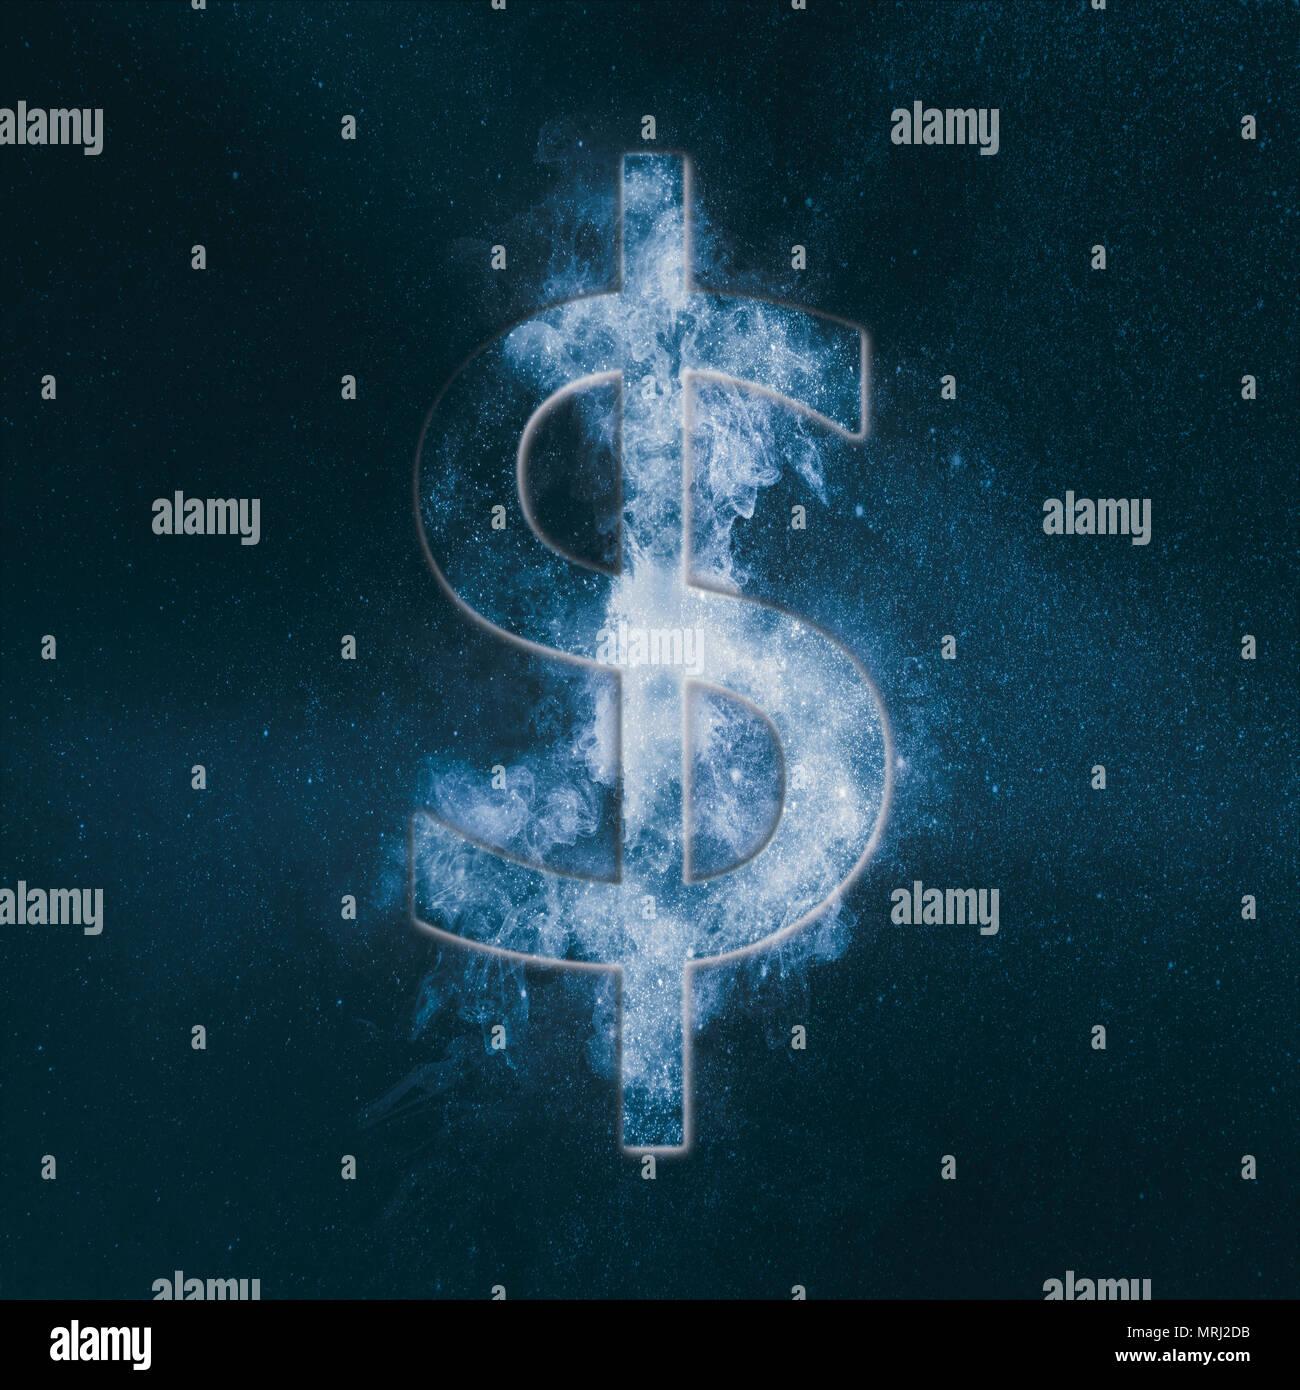 Signo de dólar, símbolo de dólar. Símbolo de moneda. Resumen de fondo del cielo nocturno. Imagen De Stock